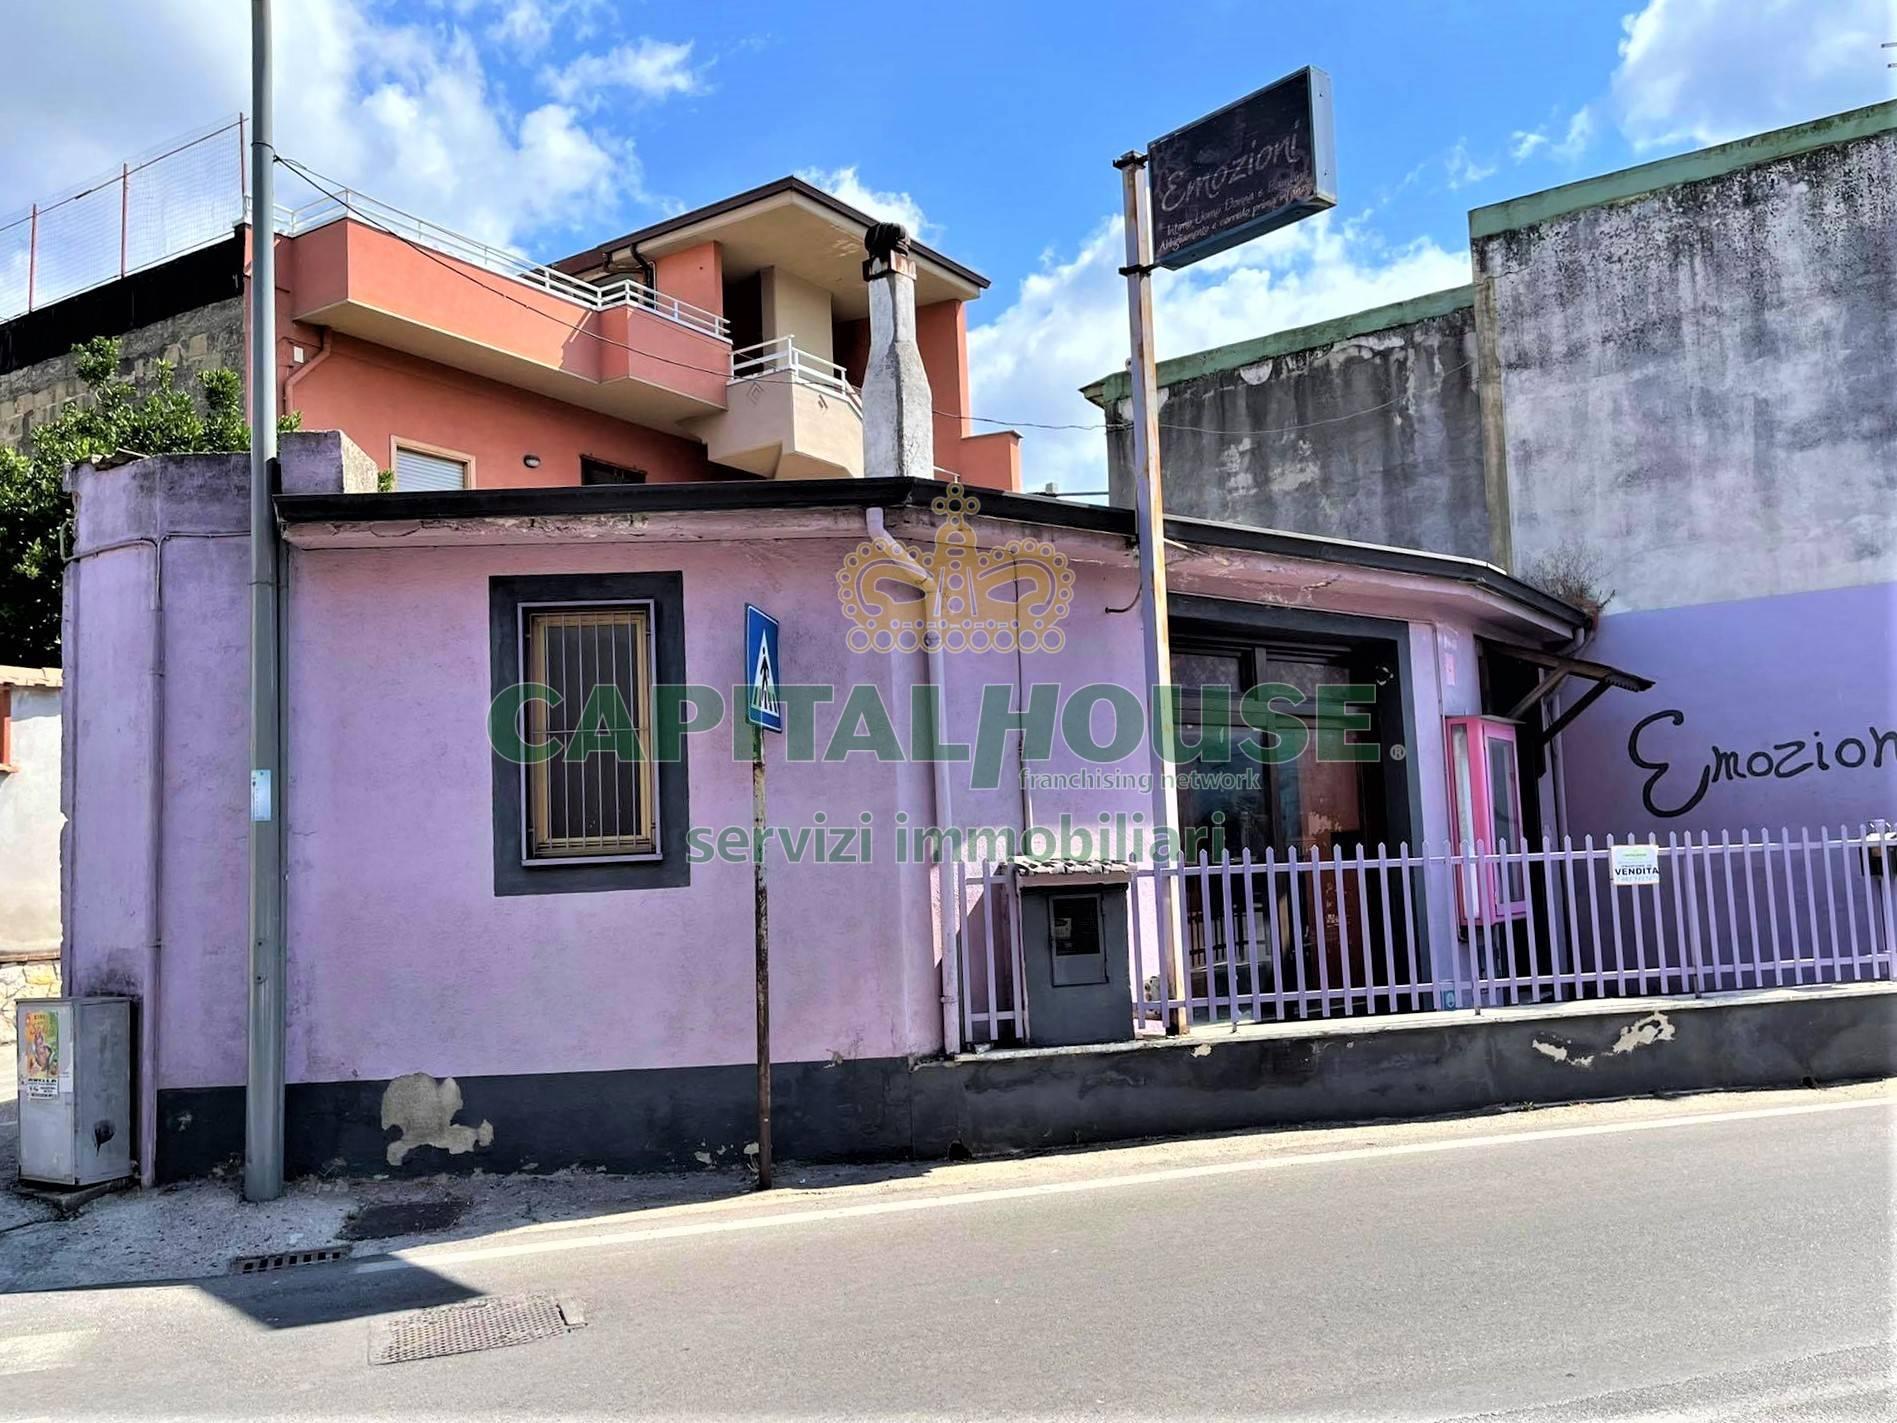 Soluzione Semindipendente in vendita a Avella, 2 locali, prezzo € 31.000   CambioCasa.it